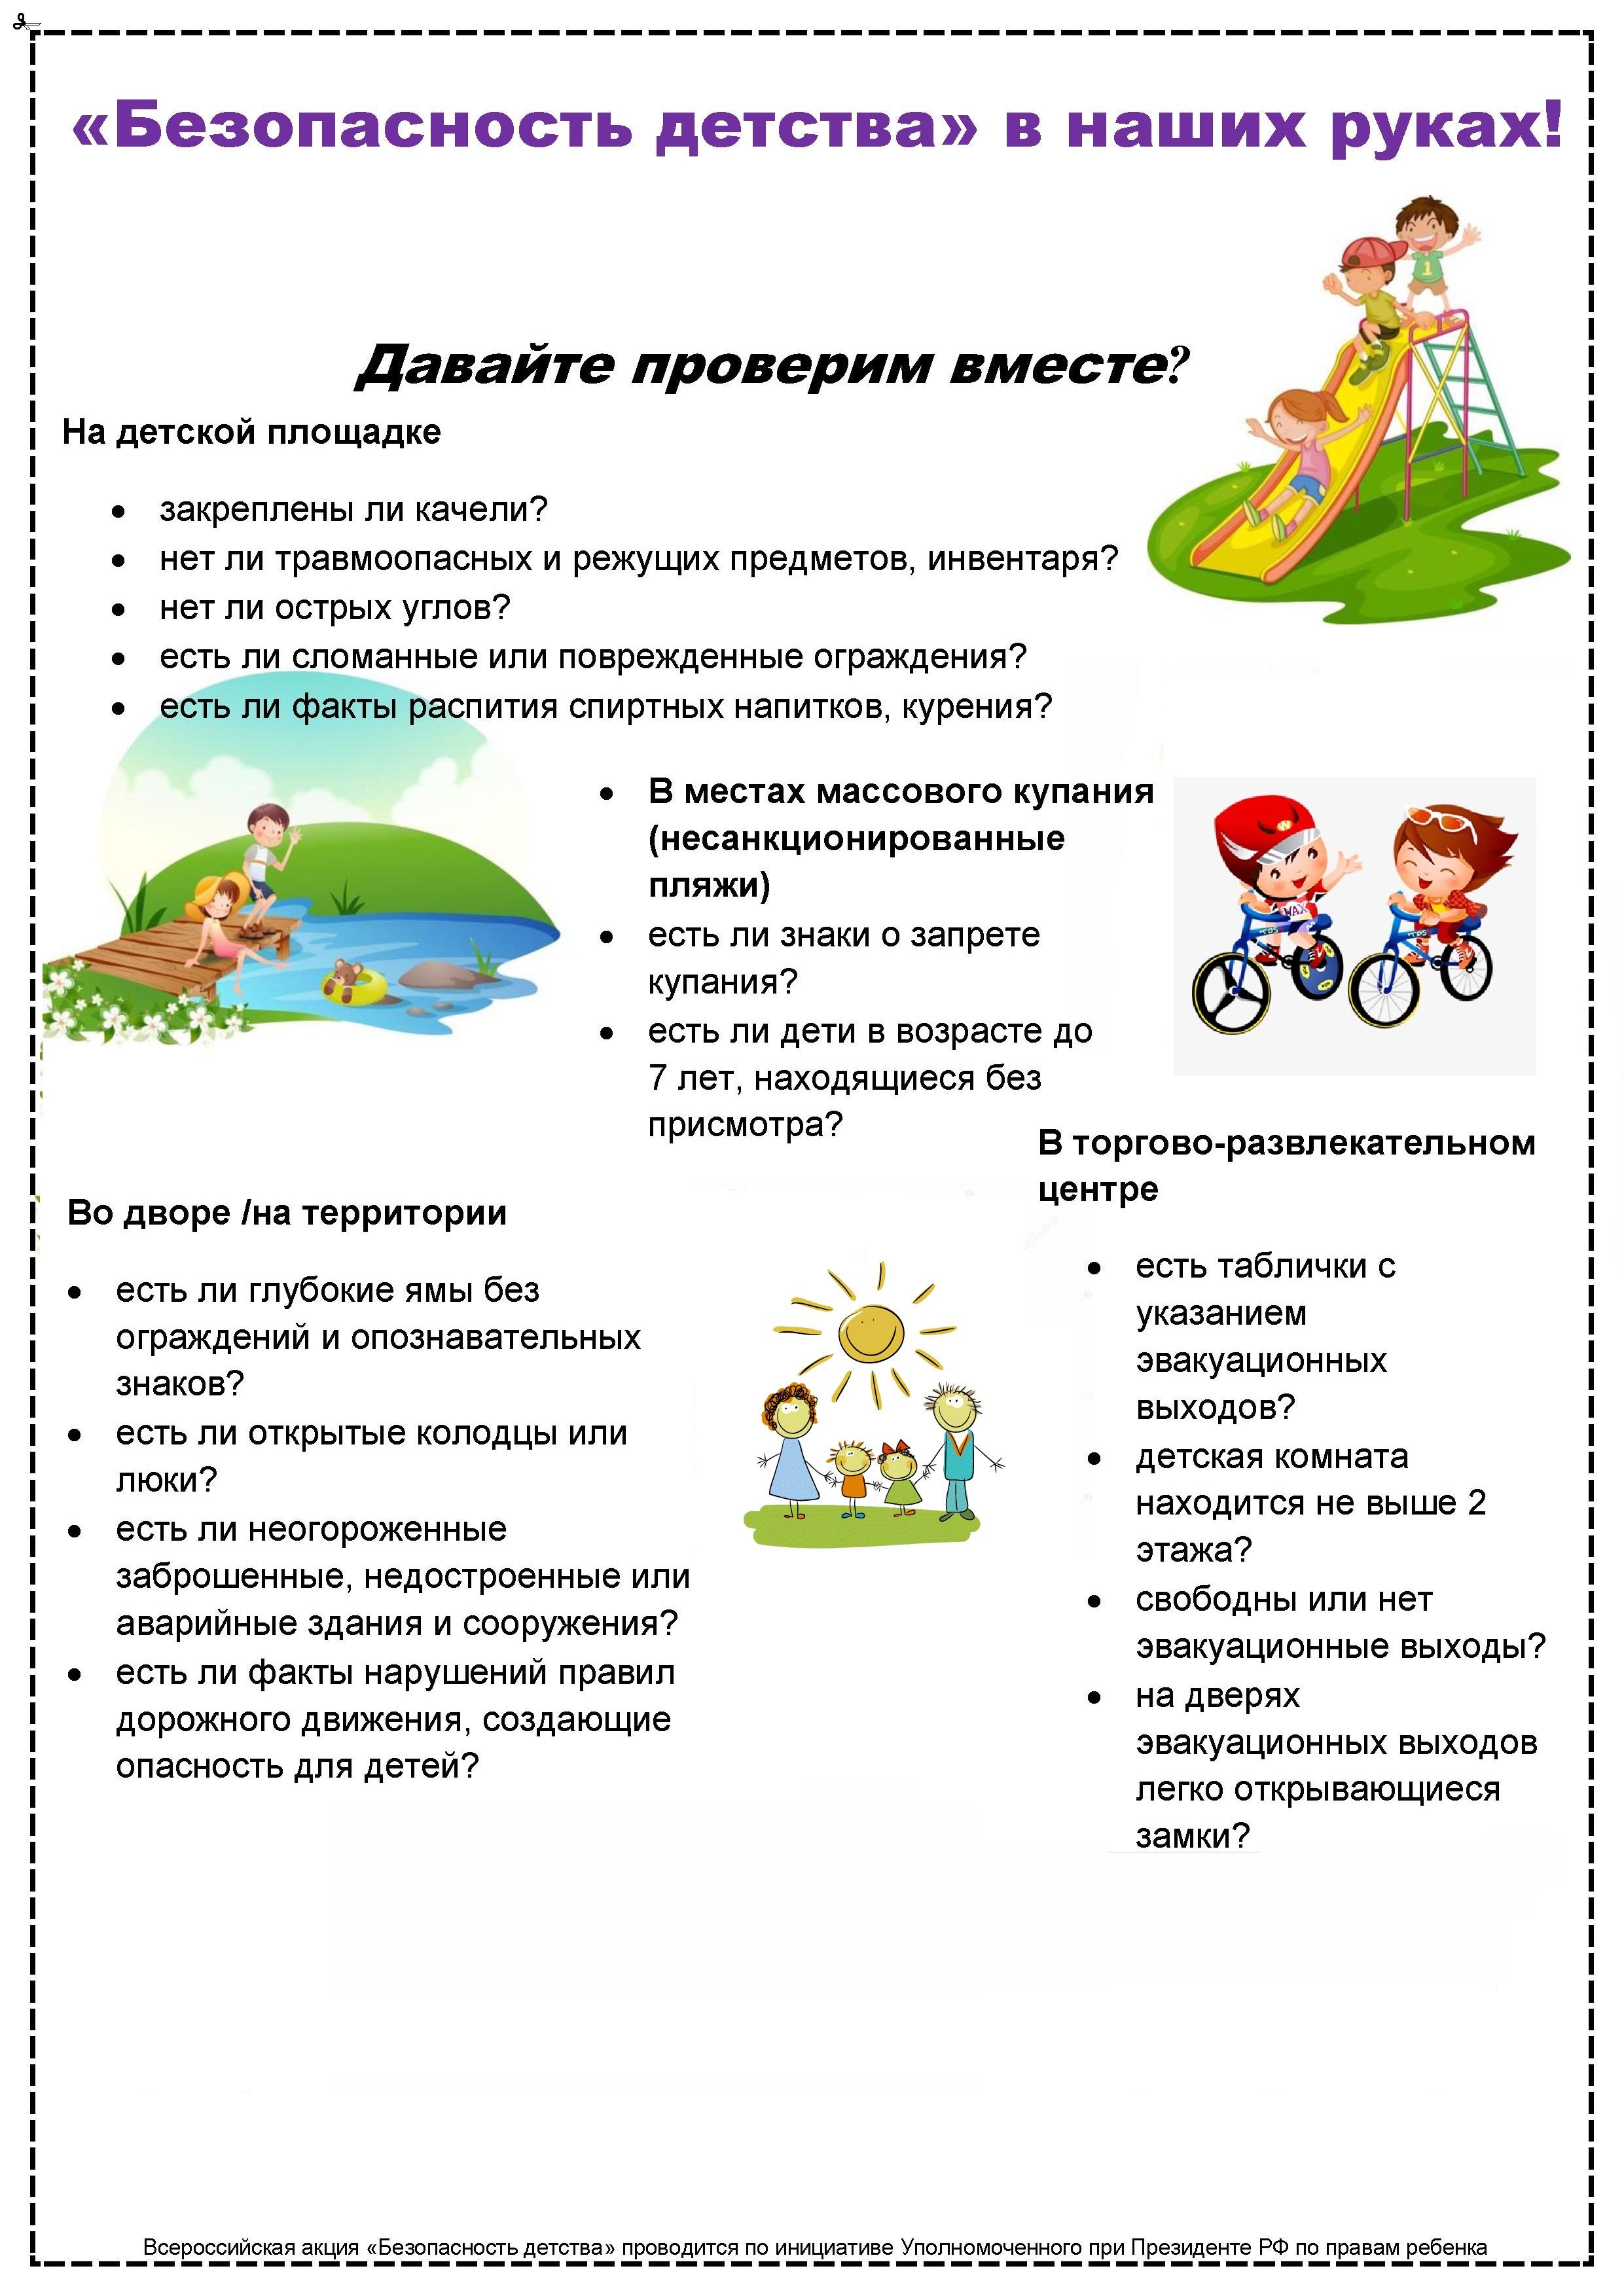 «Безопасность детства» в наших руках!!!